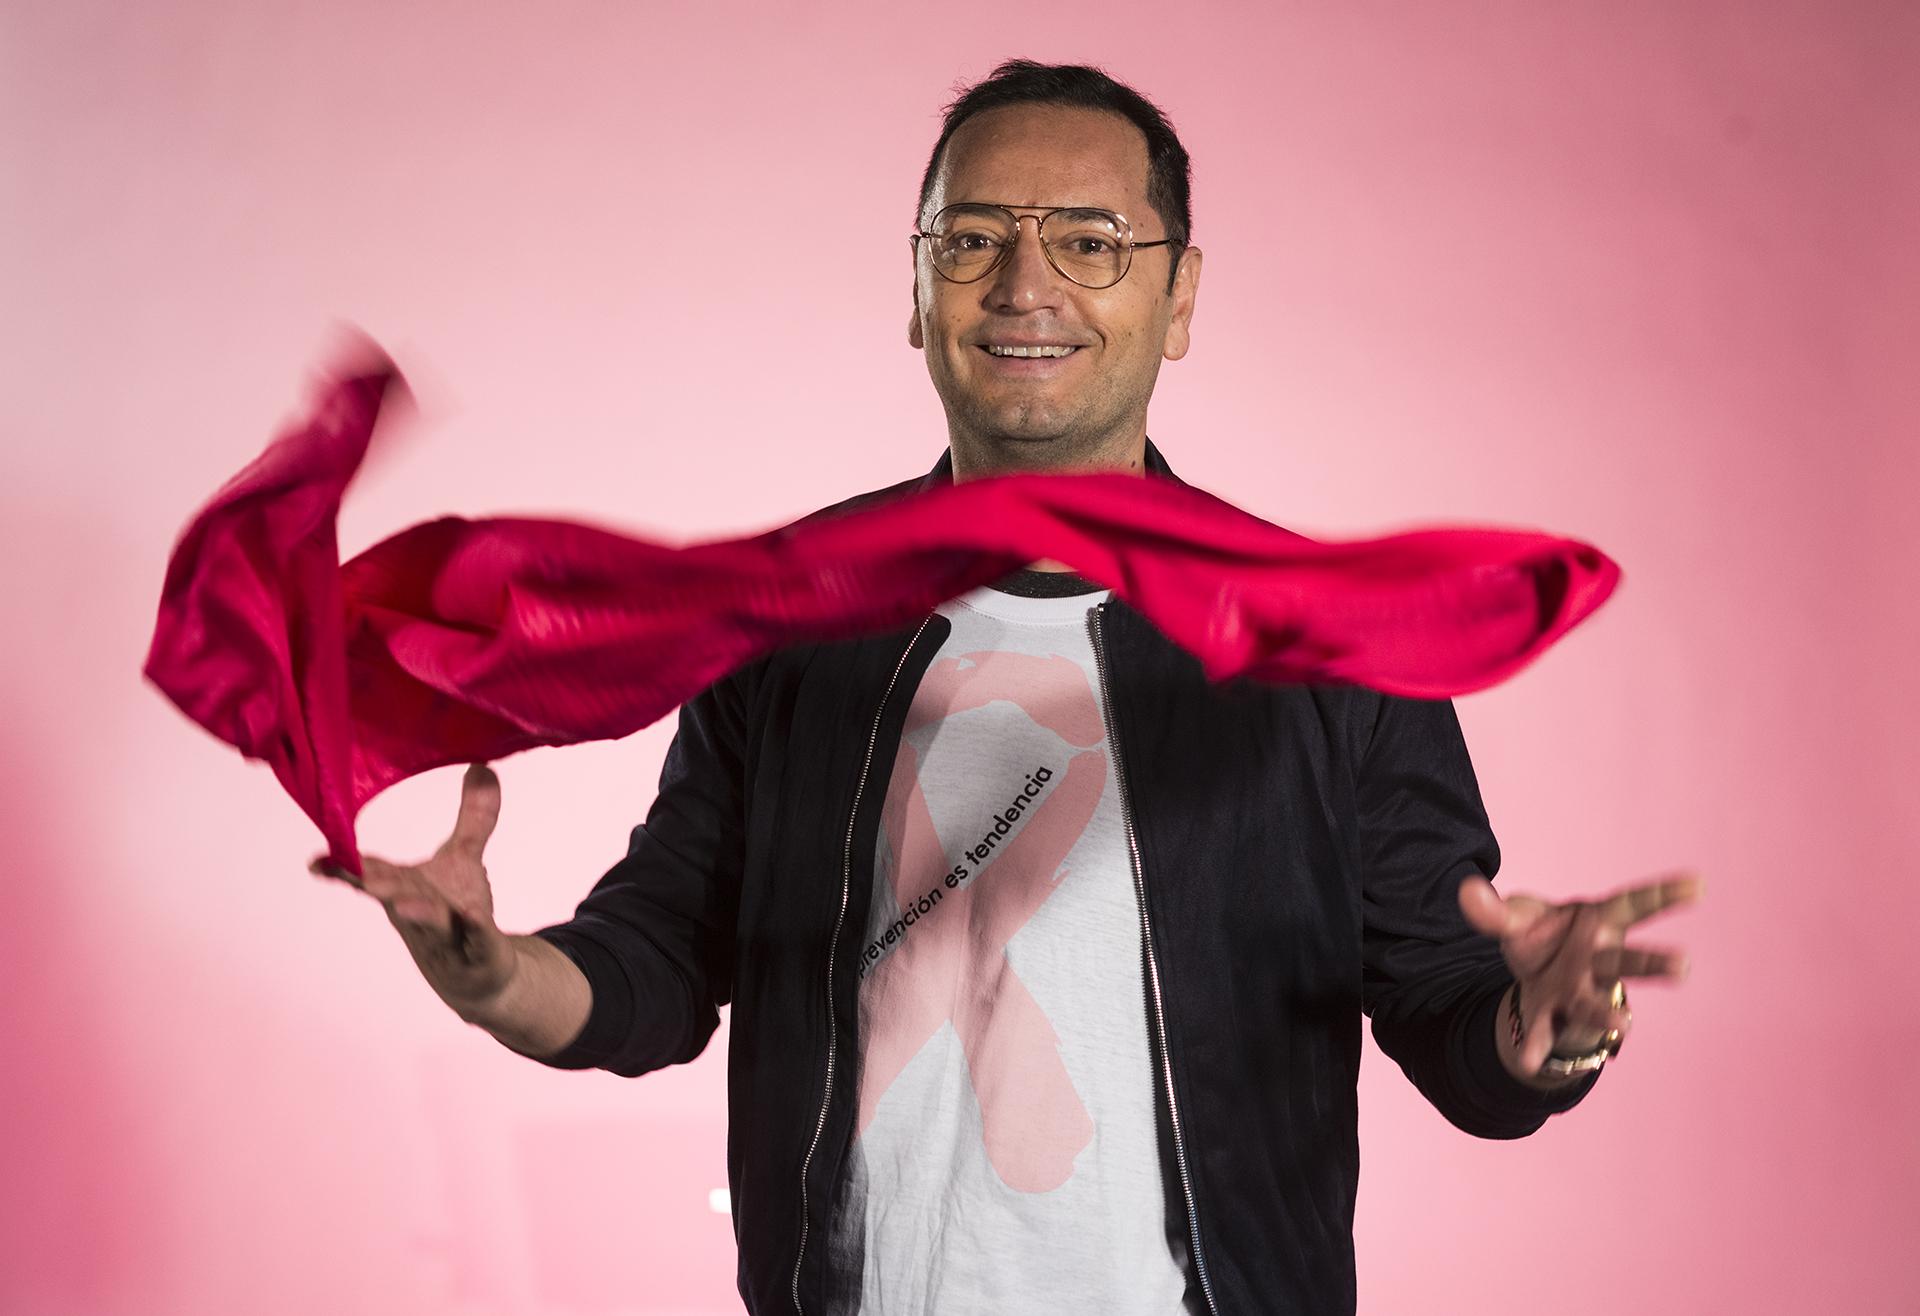 Fabián Medina Flores -asesor de moda- tiñó de movimiento y color la serie fotográfica con su foulard, ideado en exclusiva por Benito Fernández